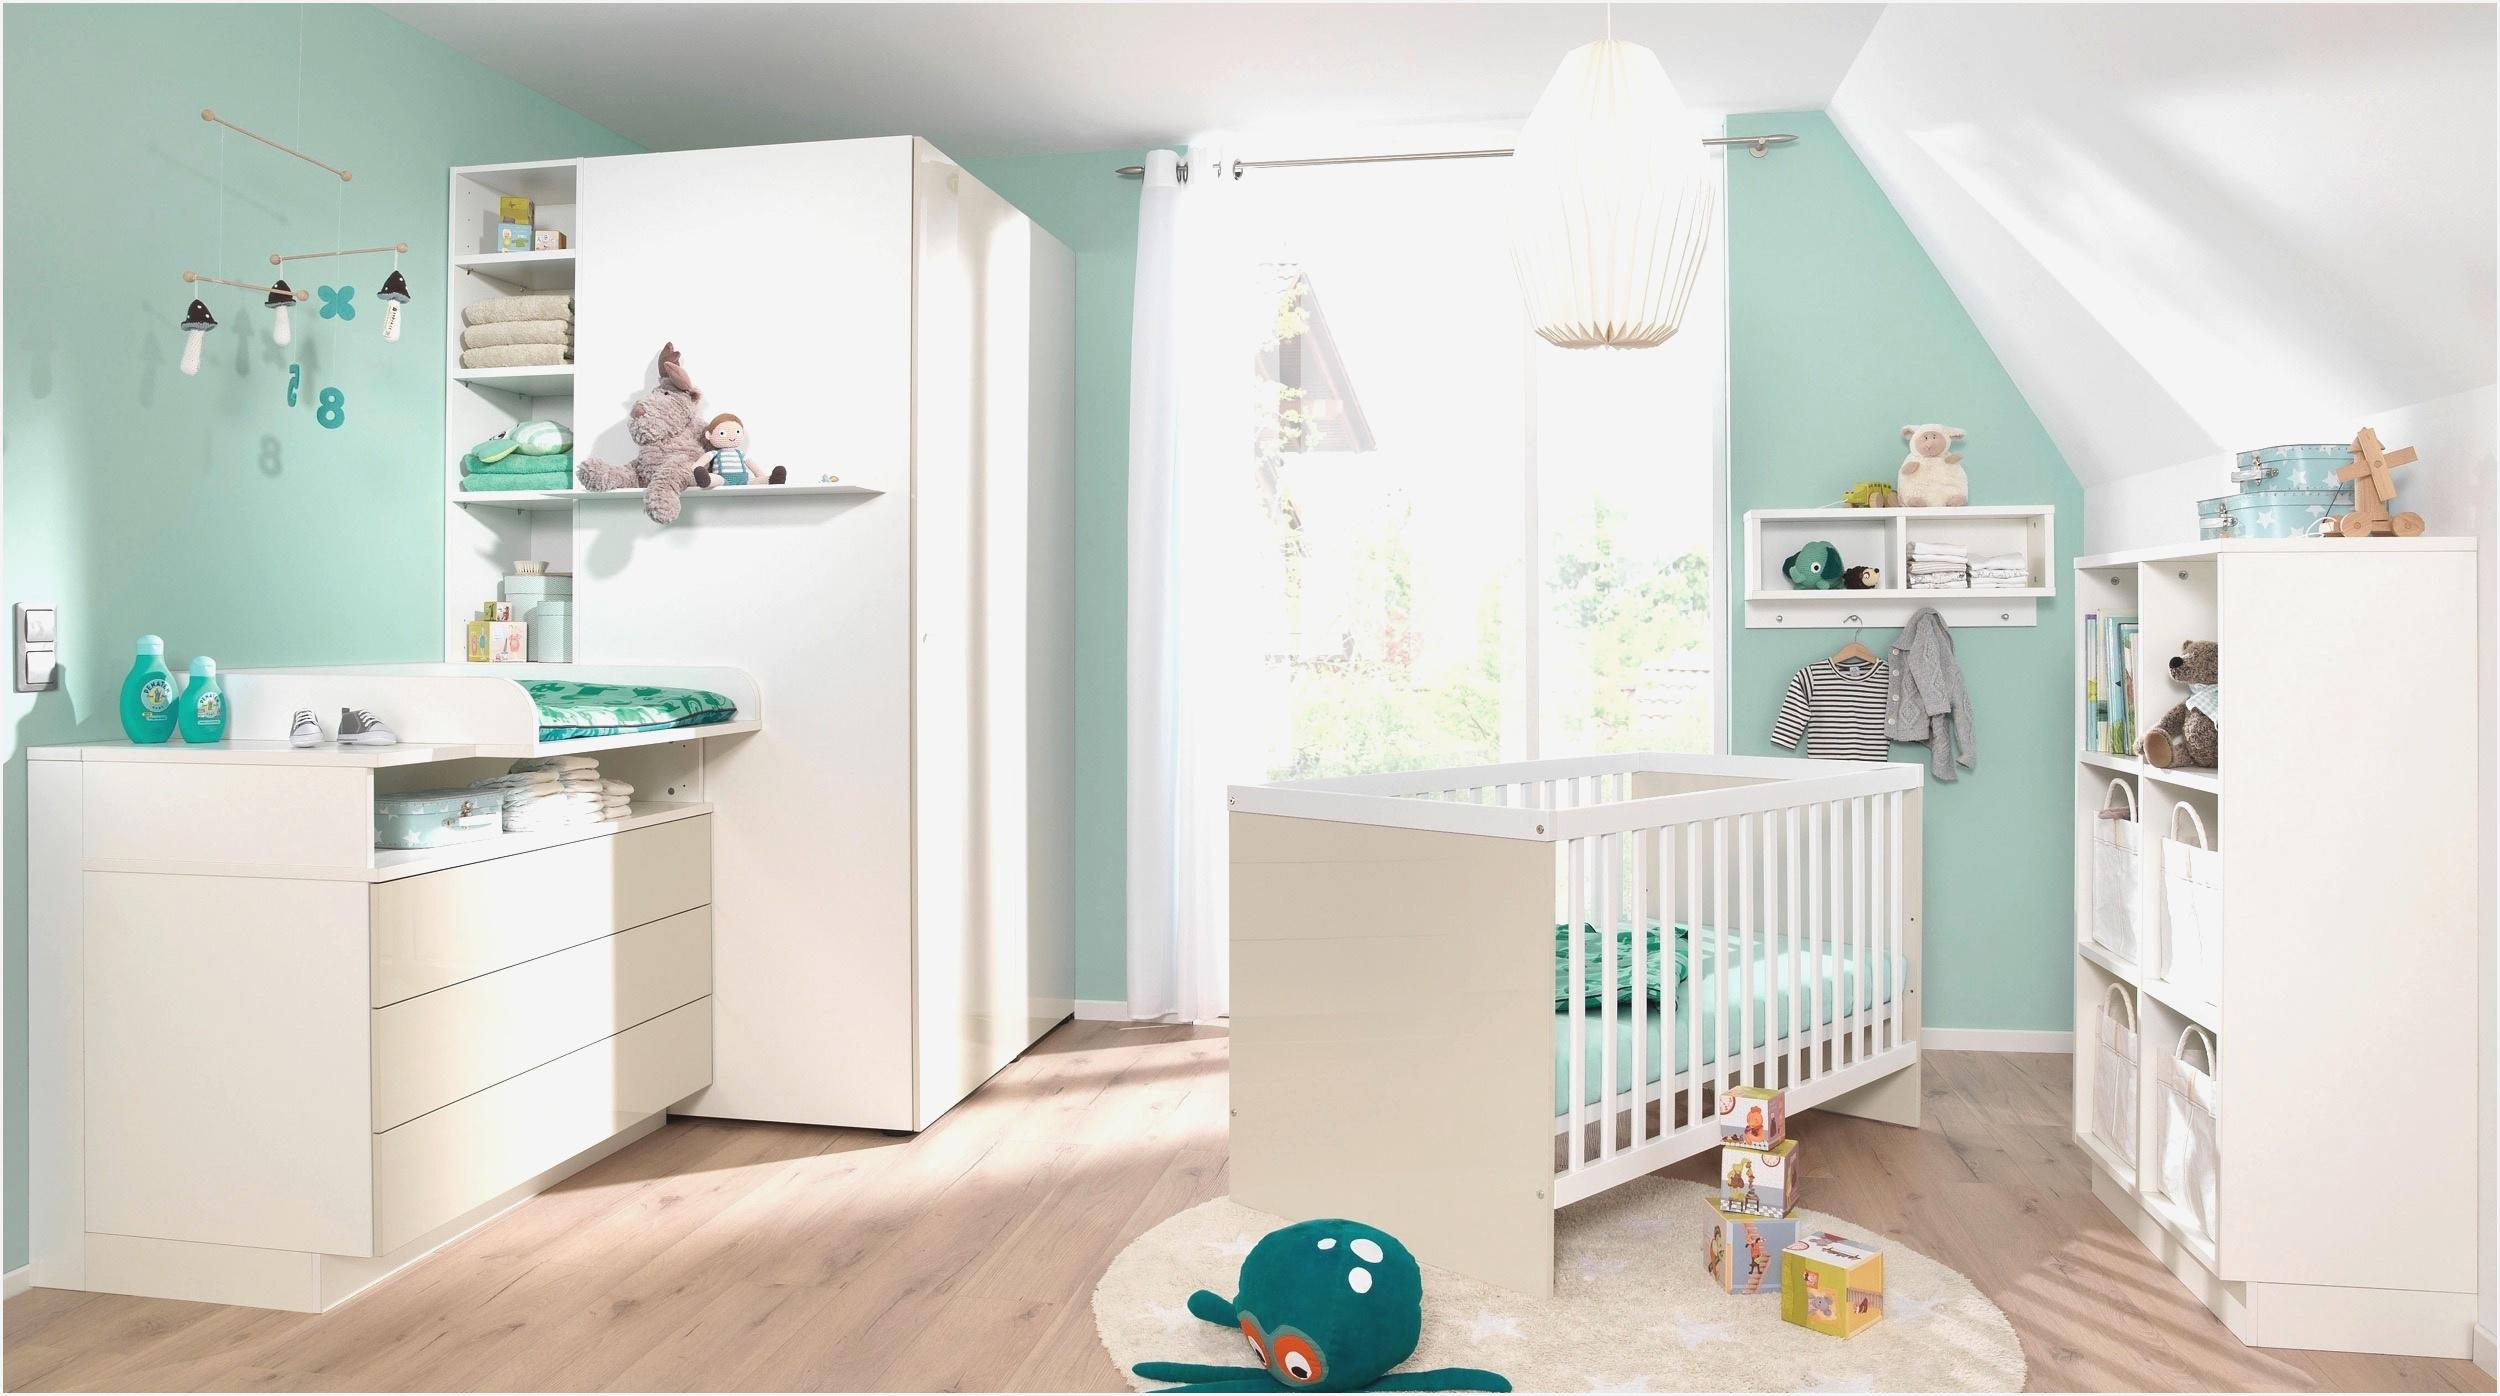 Full Size of Regal Kinderzimmer Weiß Regale Sofa Wohnzimmer Wandgestaltung Kinderzimmer Jungen